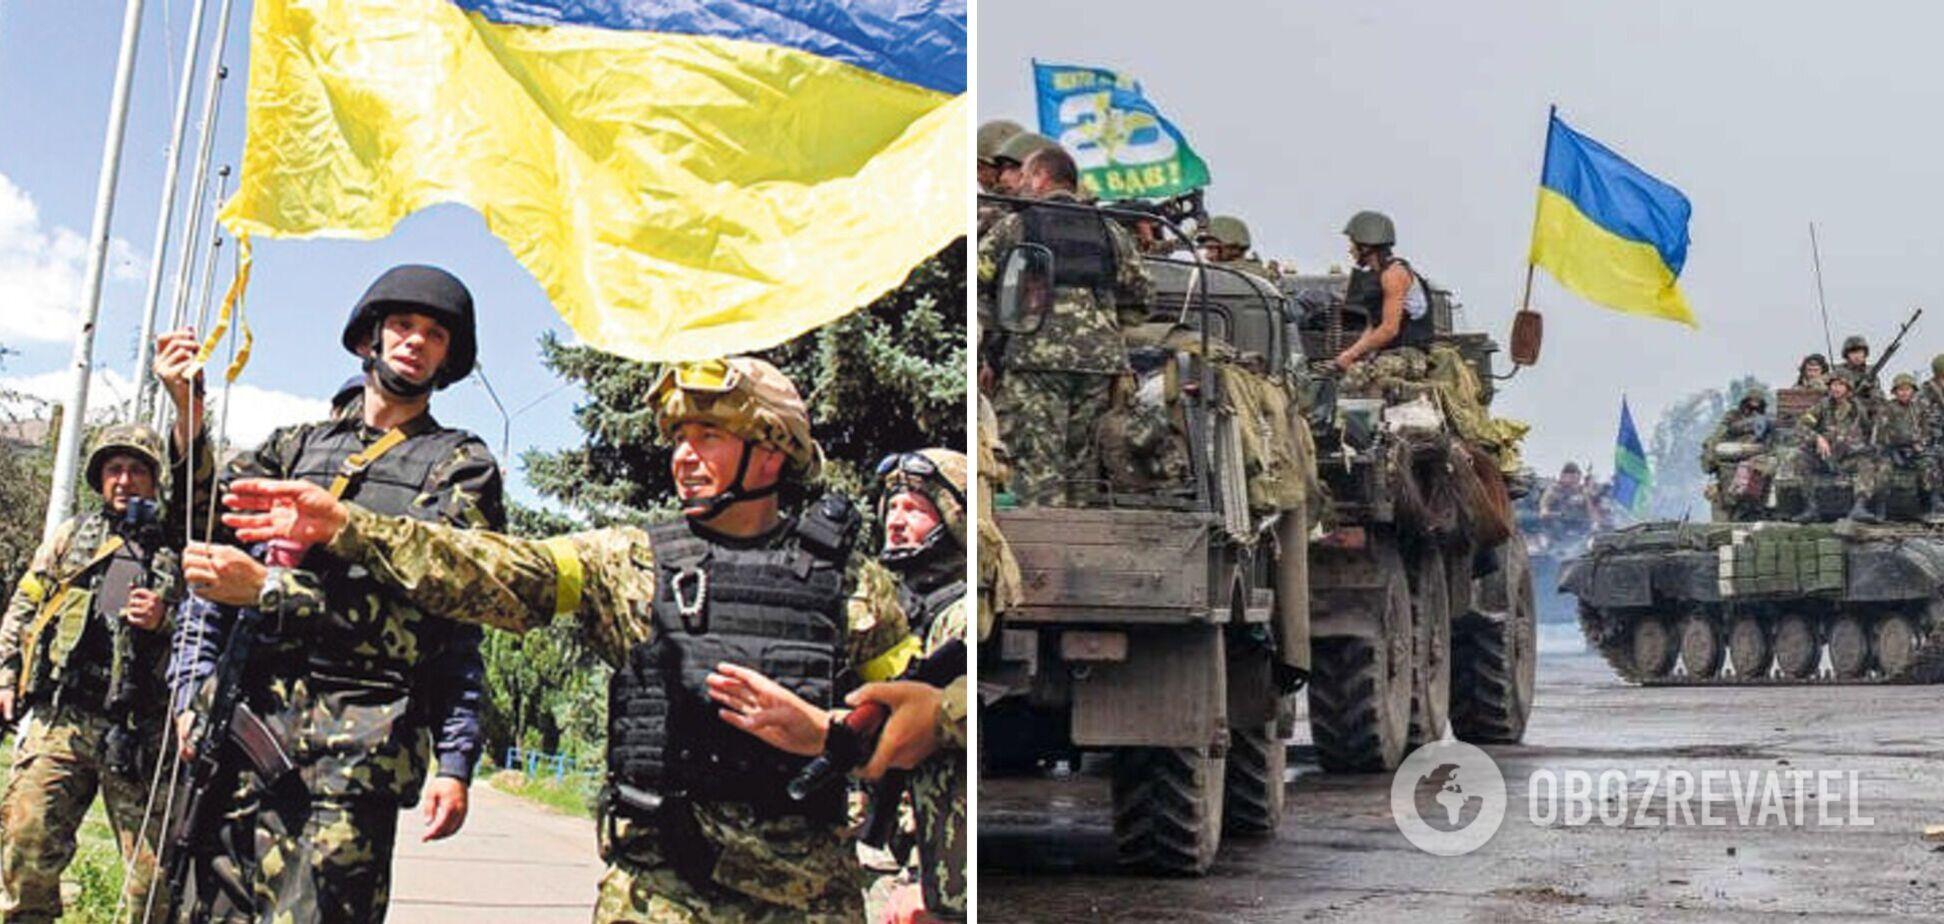 Сім років тому ЗСУ звільнили Слов'янськ і Краматорськ: як відбувалися бої. Фото та відео